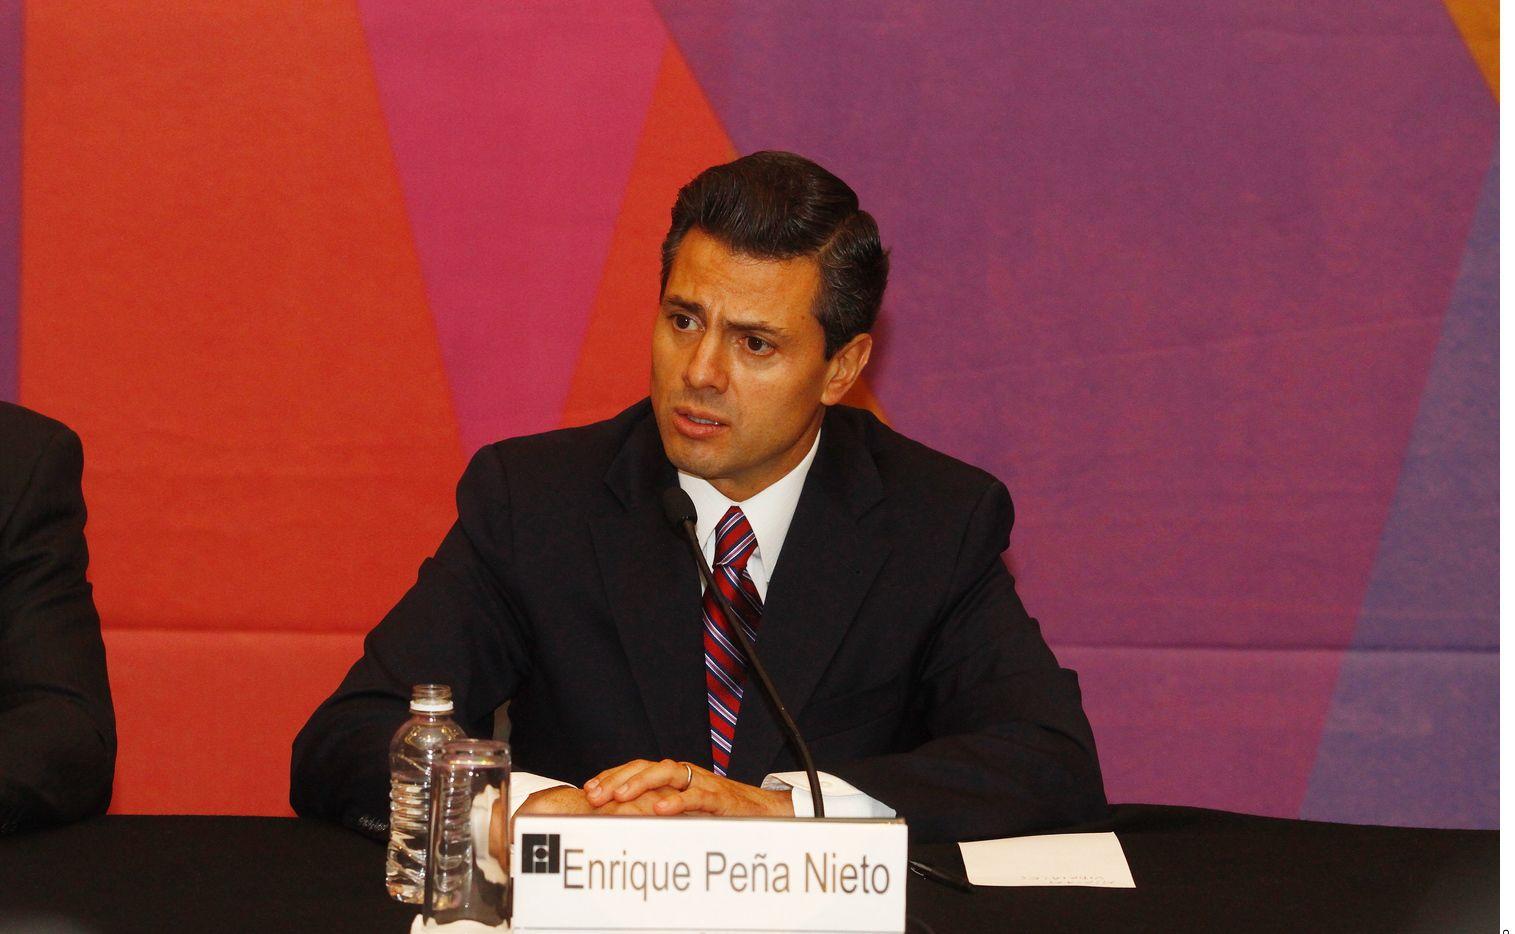 Paulina Peña, hija del ex presidente mexicano Enrique Peña Nieto (foto), se comprometió con su pareja, Fernando Tena.